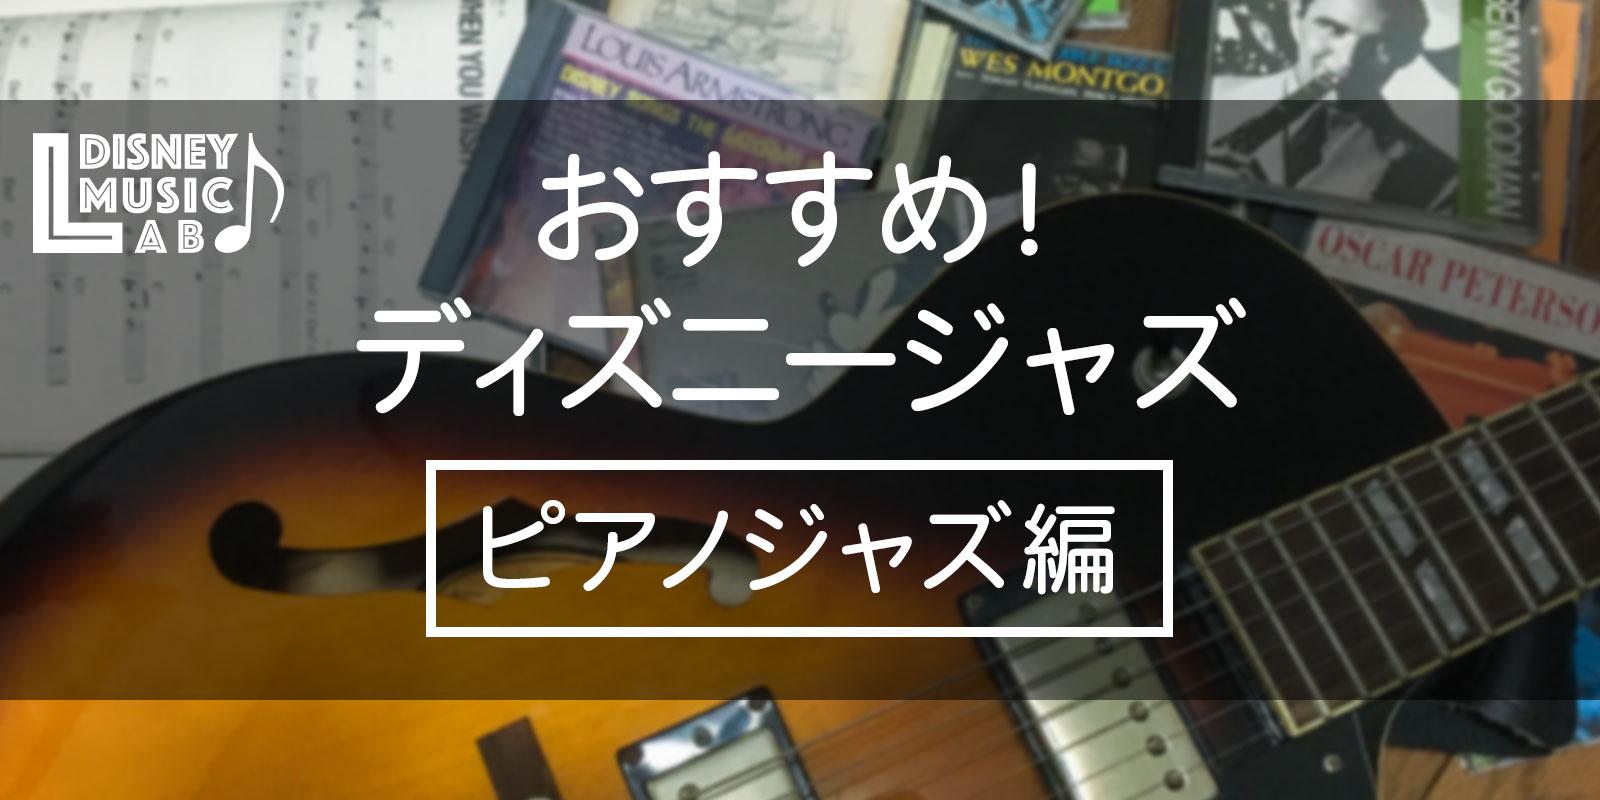 おすすめディズニージャズ:ピアノ編